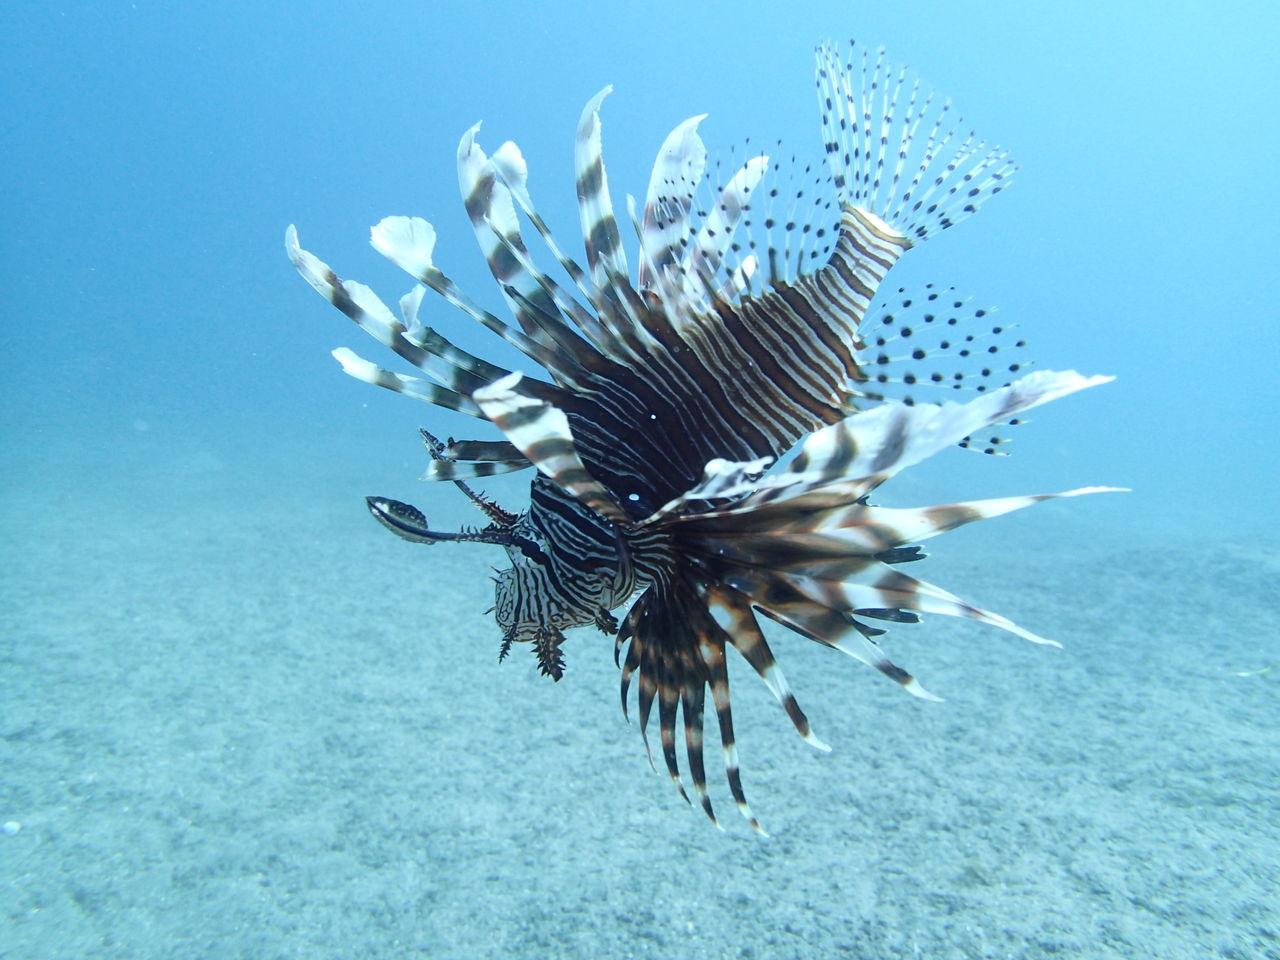 夏休み、お盆休み直前ダイビングスペシャル ドゥマゲテの不思議な生物達